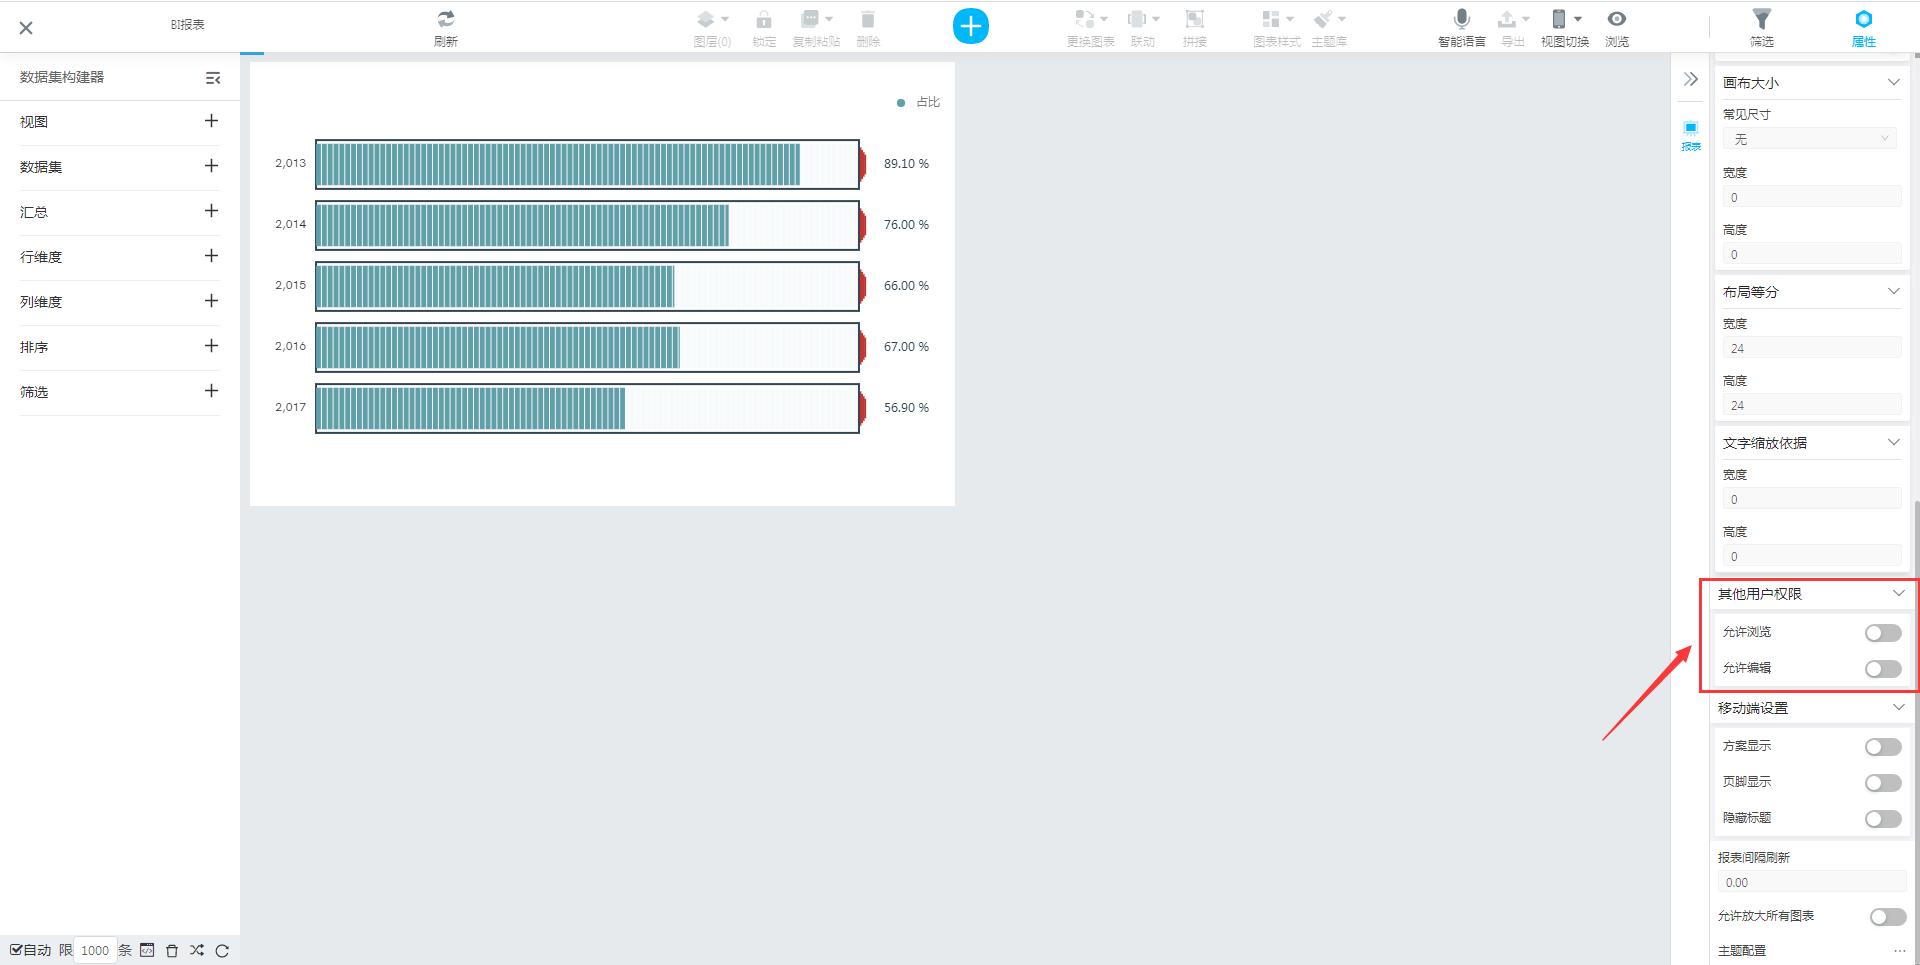 BI軟件,數據分析報表